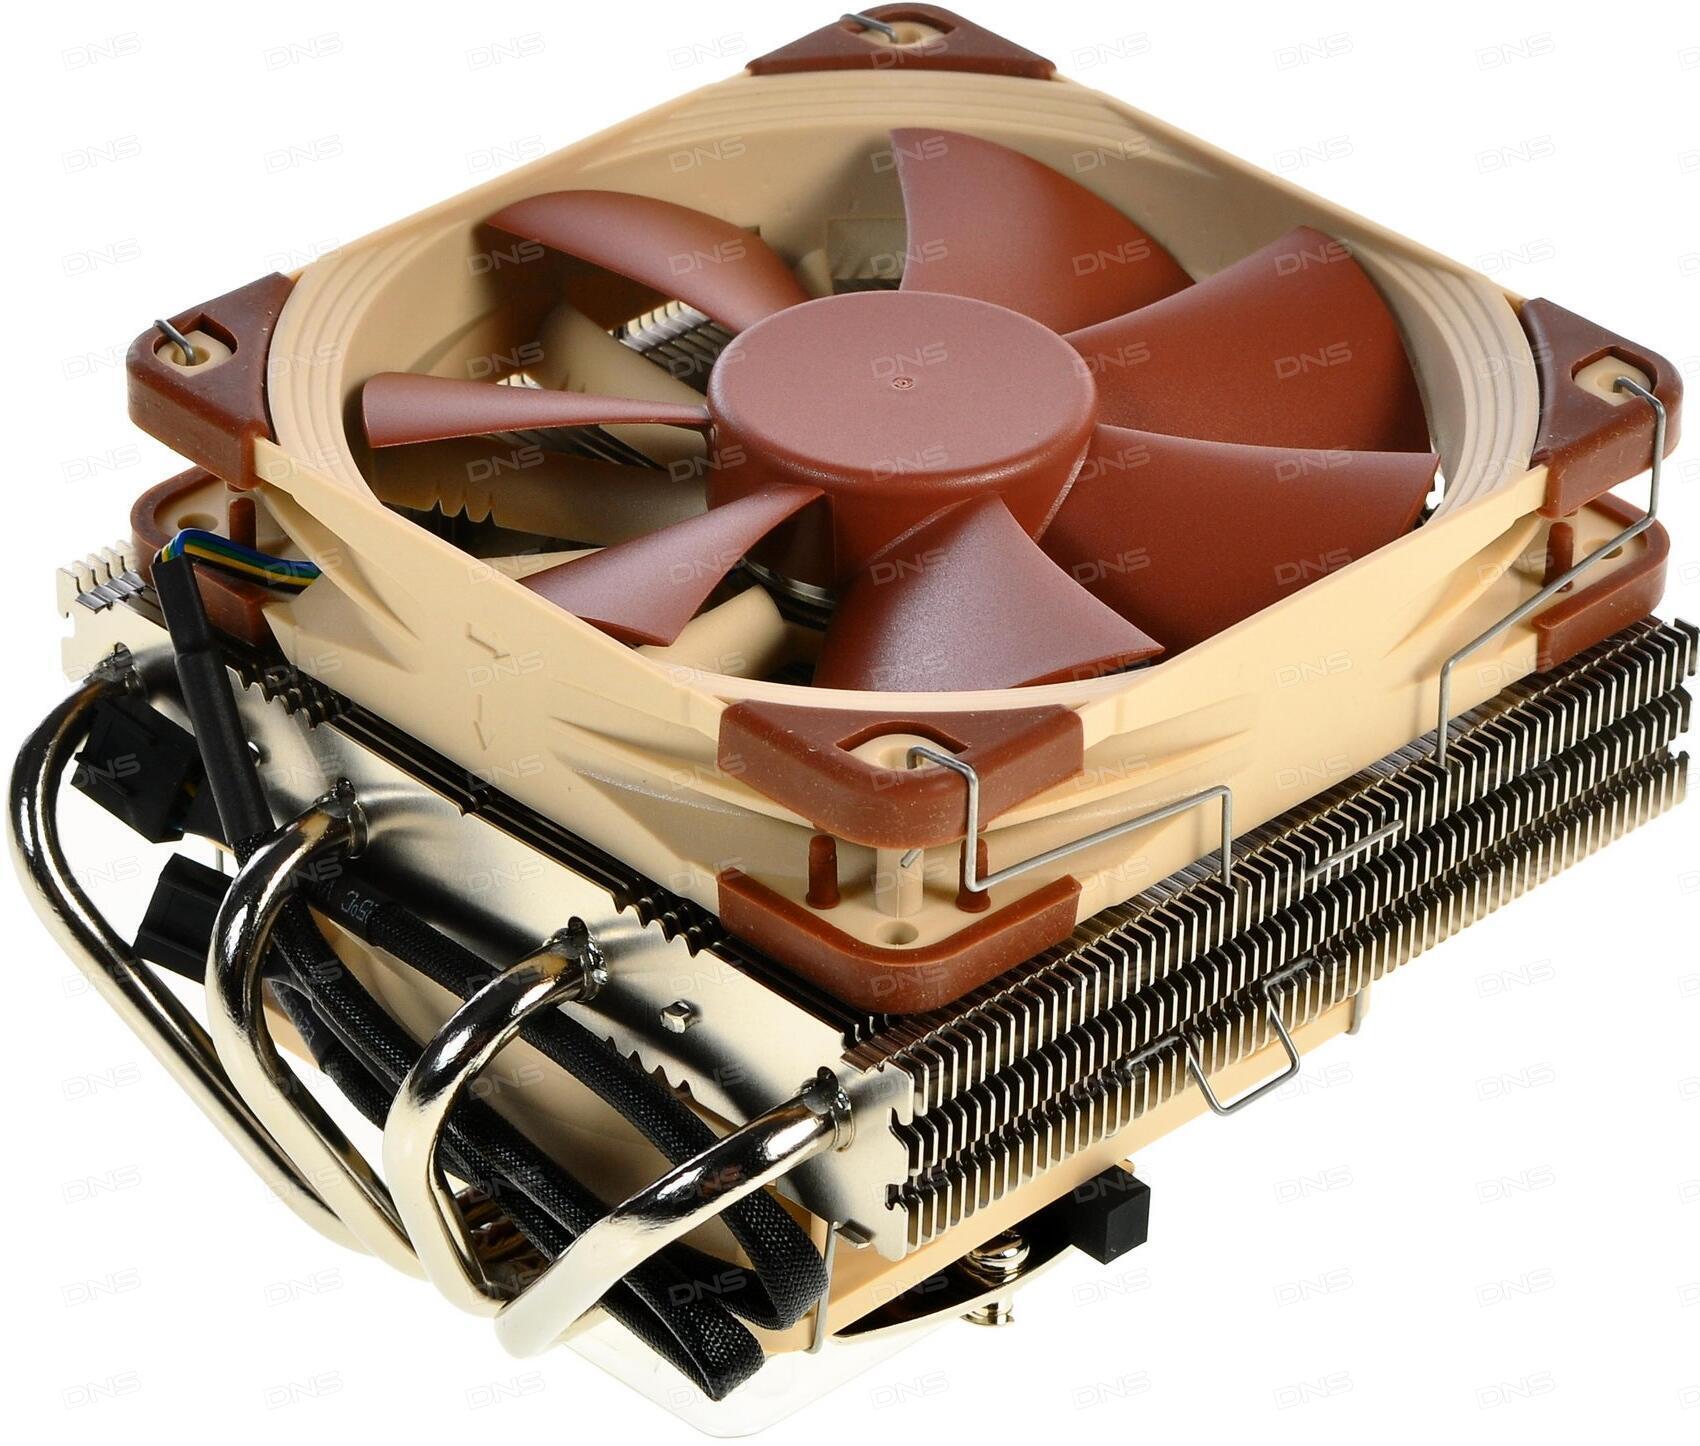 Кулер Noctua NH-L12 (Intel S775/S1150/S1151/1155/S1156/S1356/S1366/S2011/AMD AM2/AM2+/AM3/AM3+/FM1/FM2)